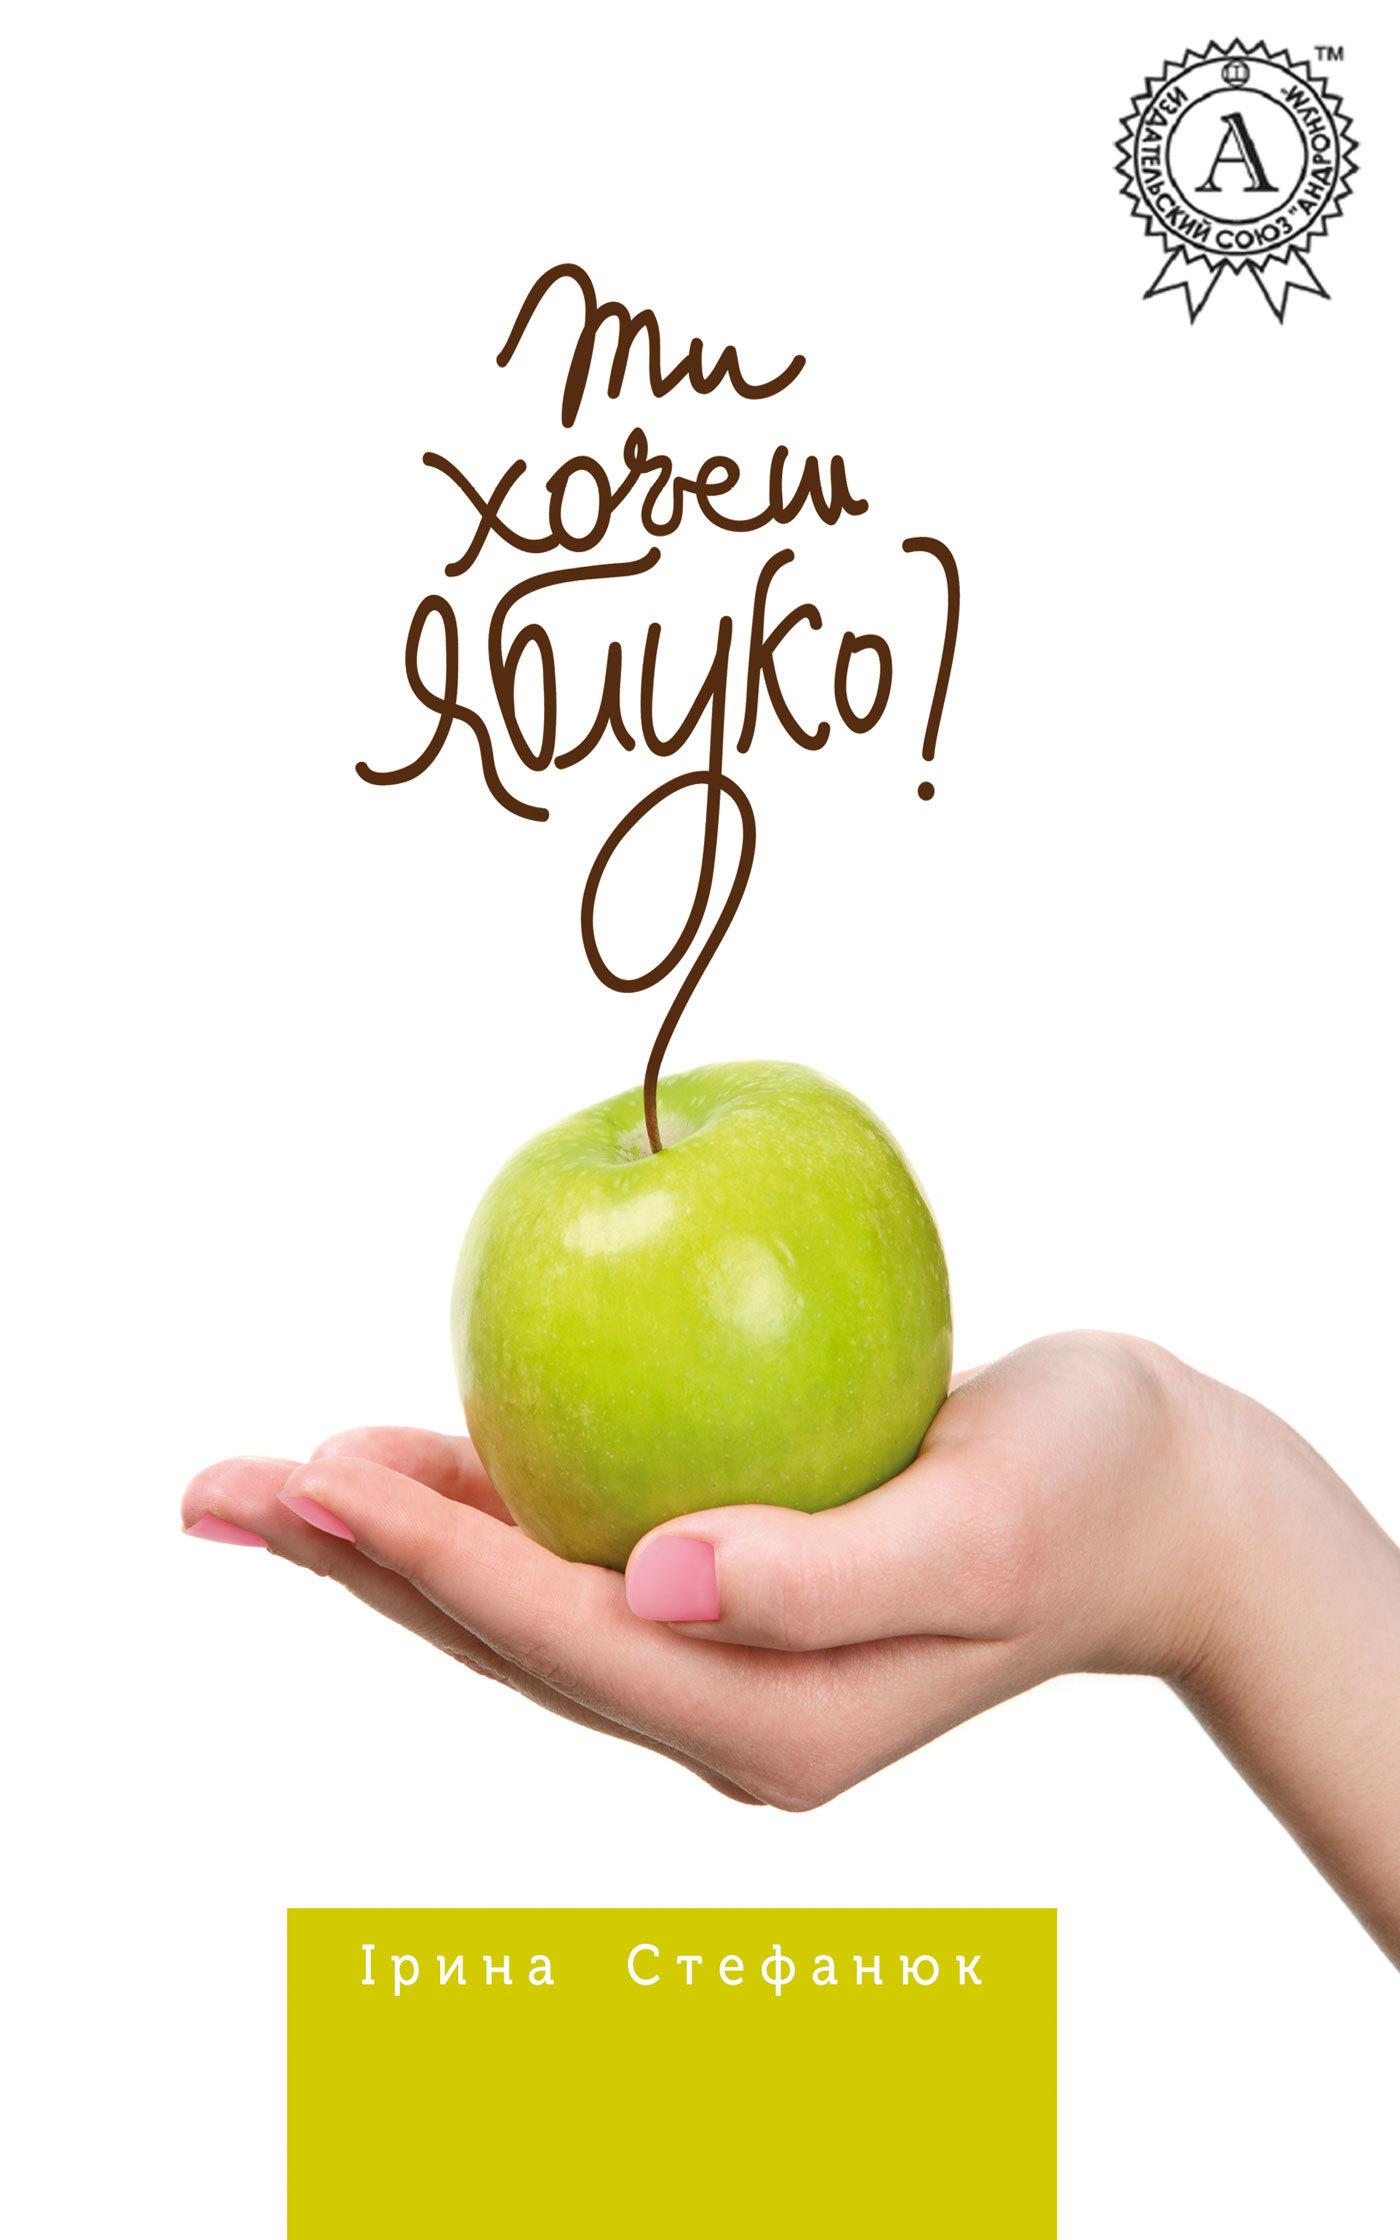 Ірина Стефанюк Ти хочеш яблуко? дмитро павличко любов і ненависть вибране